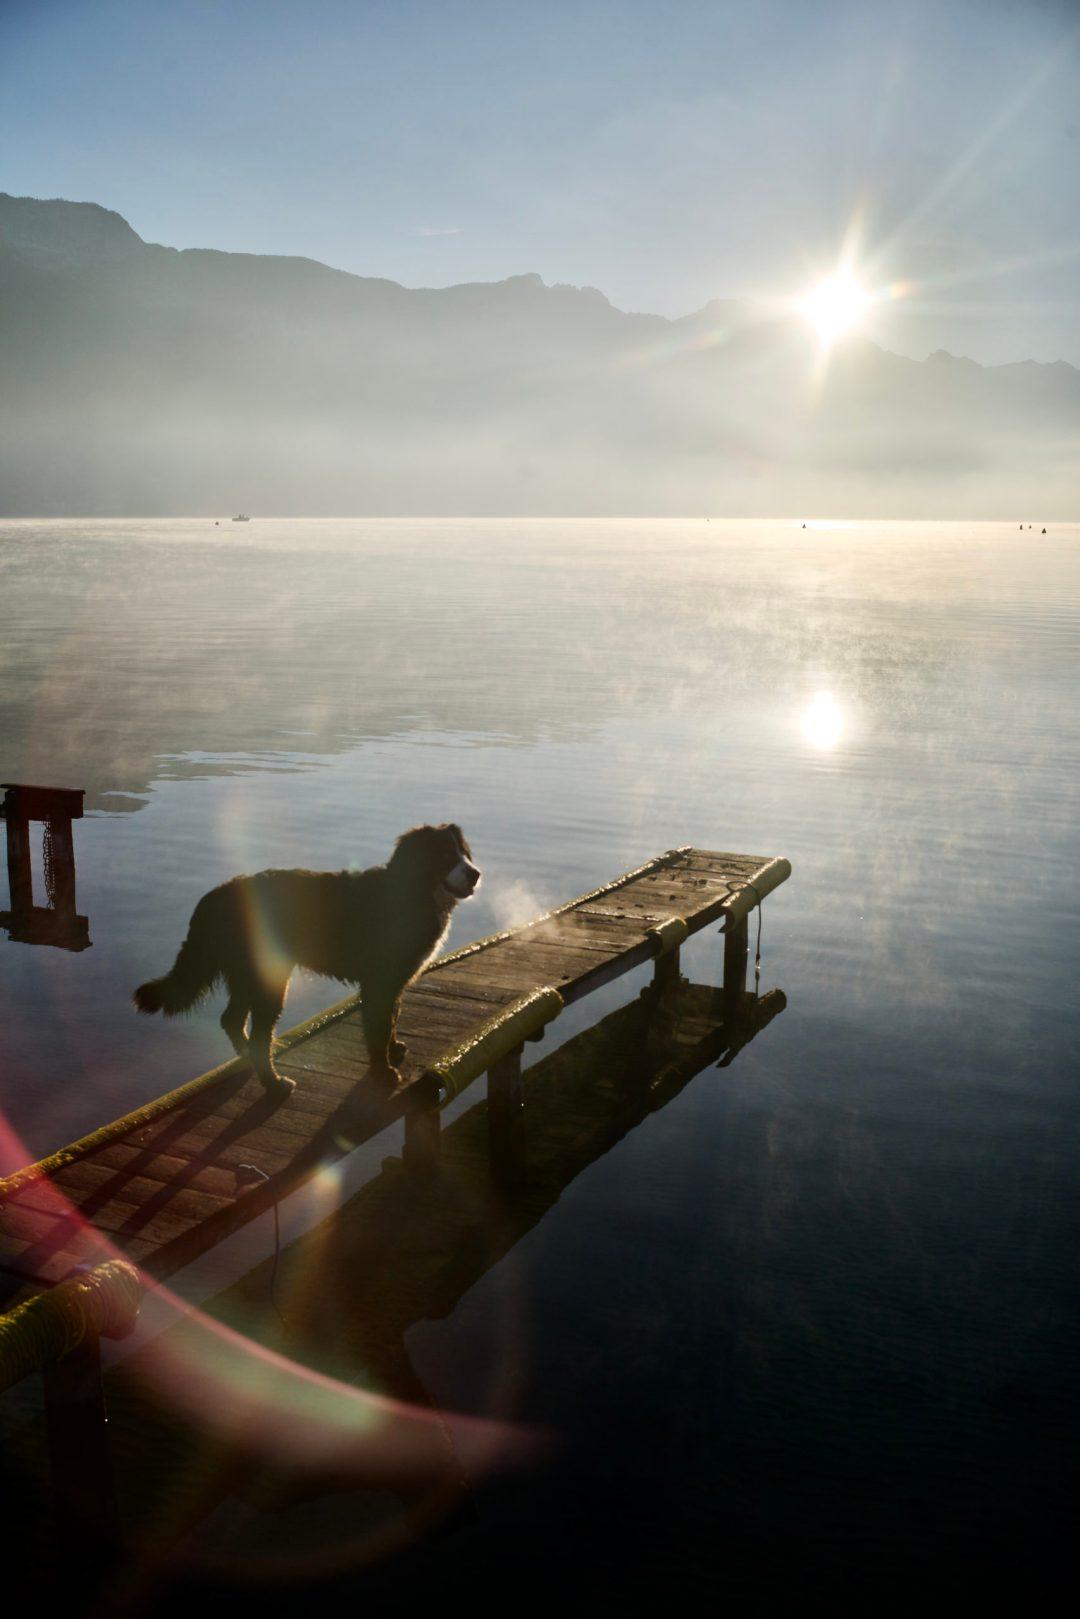 Rebelle sur un ponton au petit matin à Annecy devant le splectacle du levé de soleil